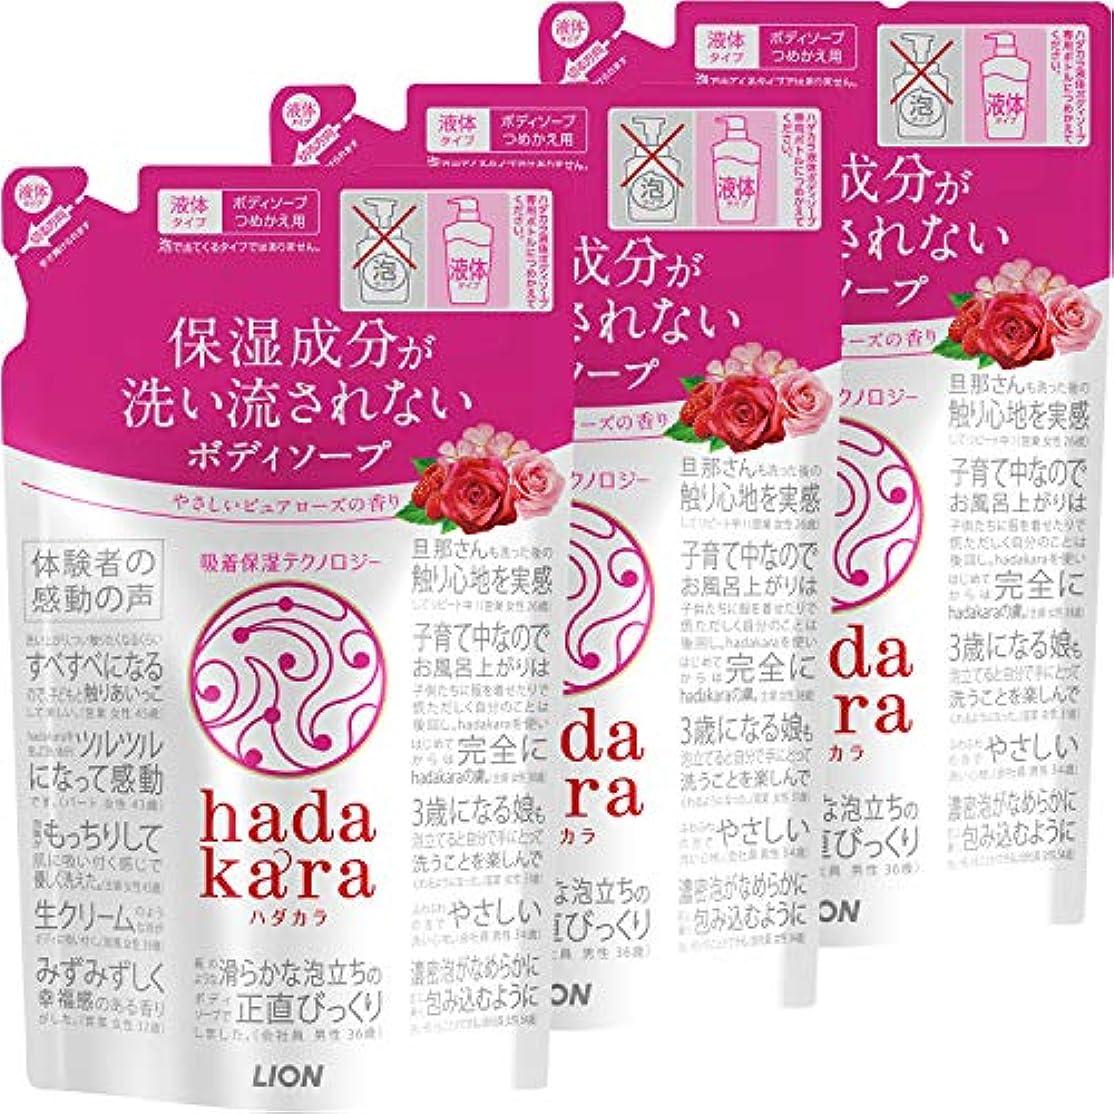 引用ターミナルロデオhadakara(ハダカラ) ボディソープ ピュアローズの香り つめかえ360ml×3個 詰替え用